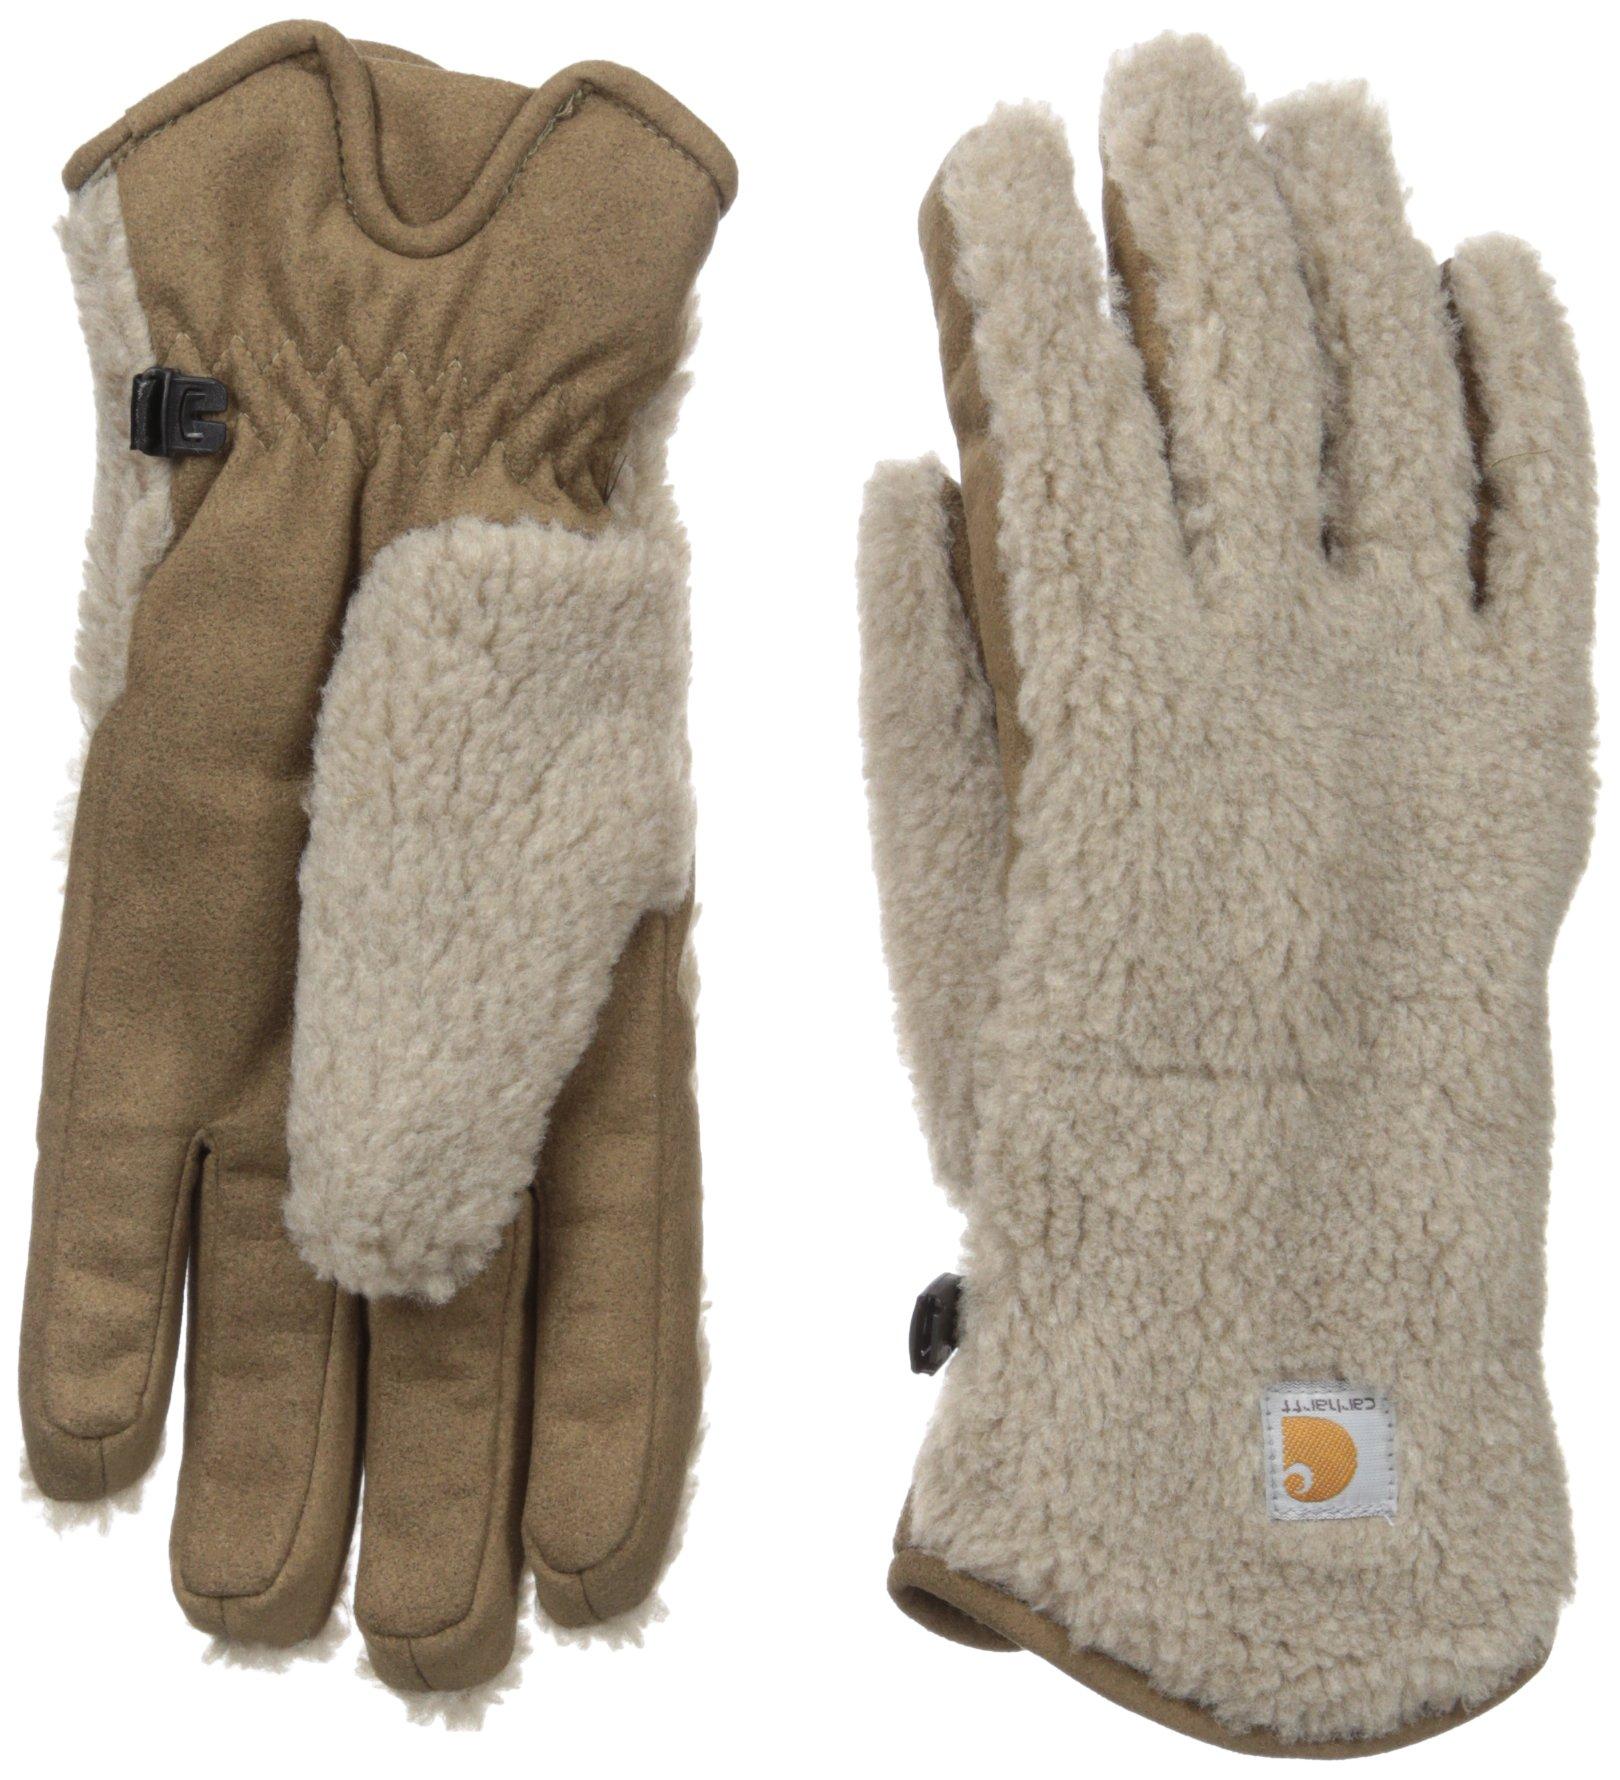 Carhartt Women's Sherpa Glove, Desert Sand, Small by Carhartt